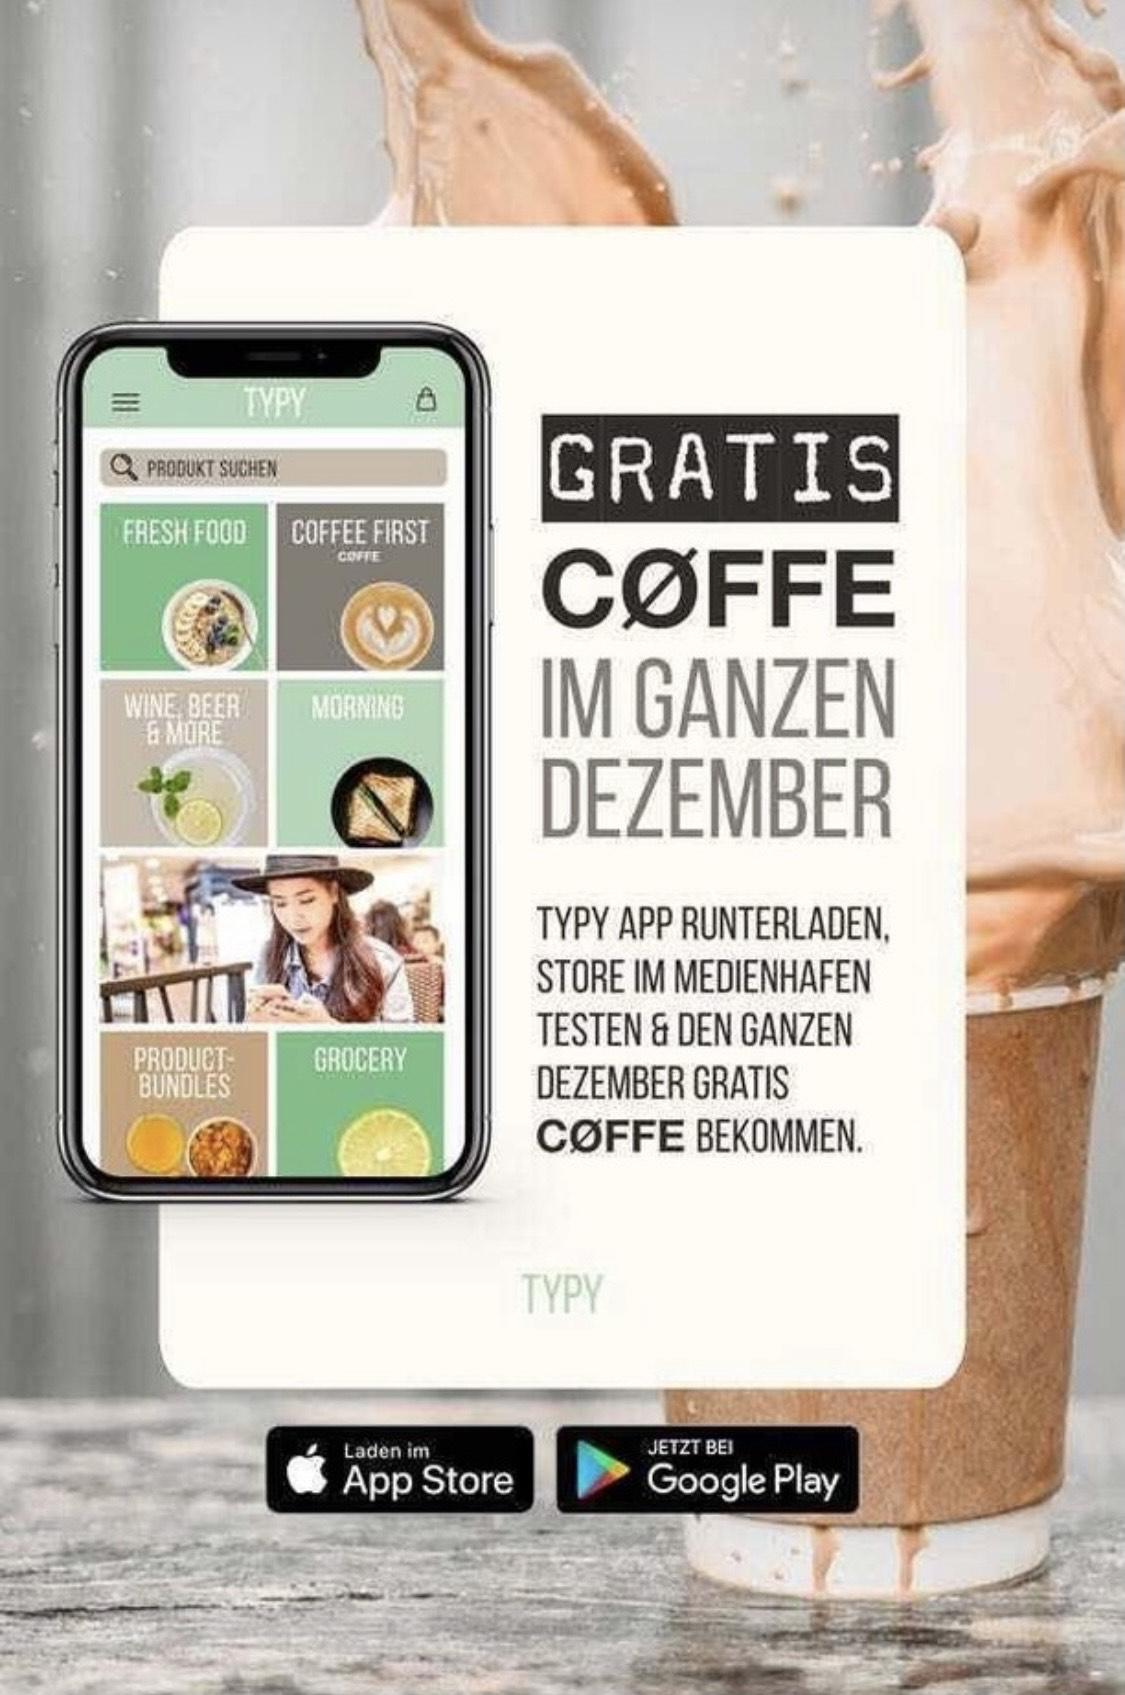 [Lokal Düsseldorf] Im Dezember täglich 1 Kaffee gratis im Medienhafen